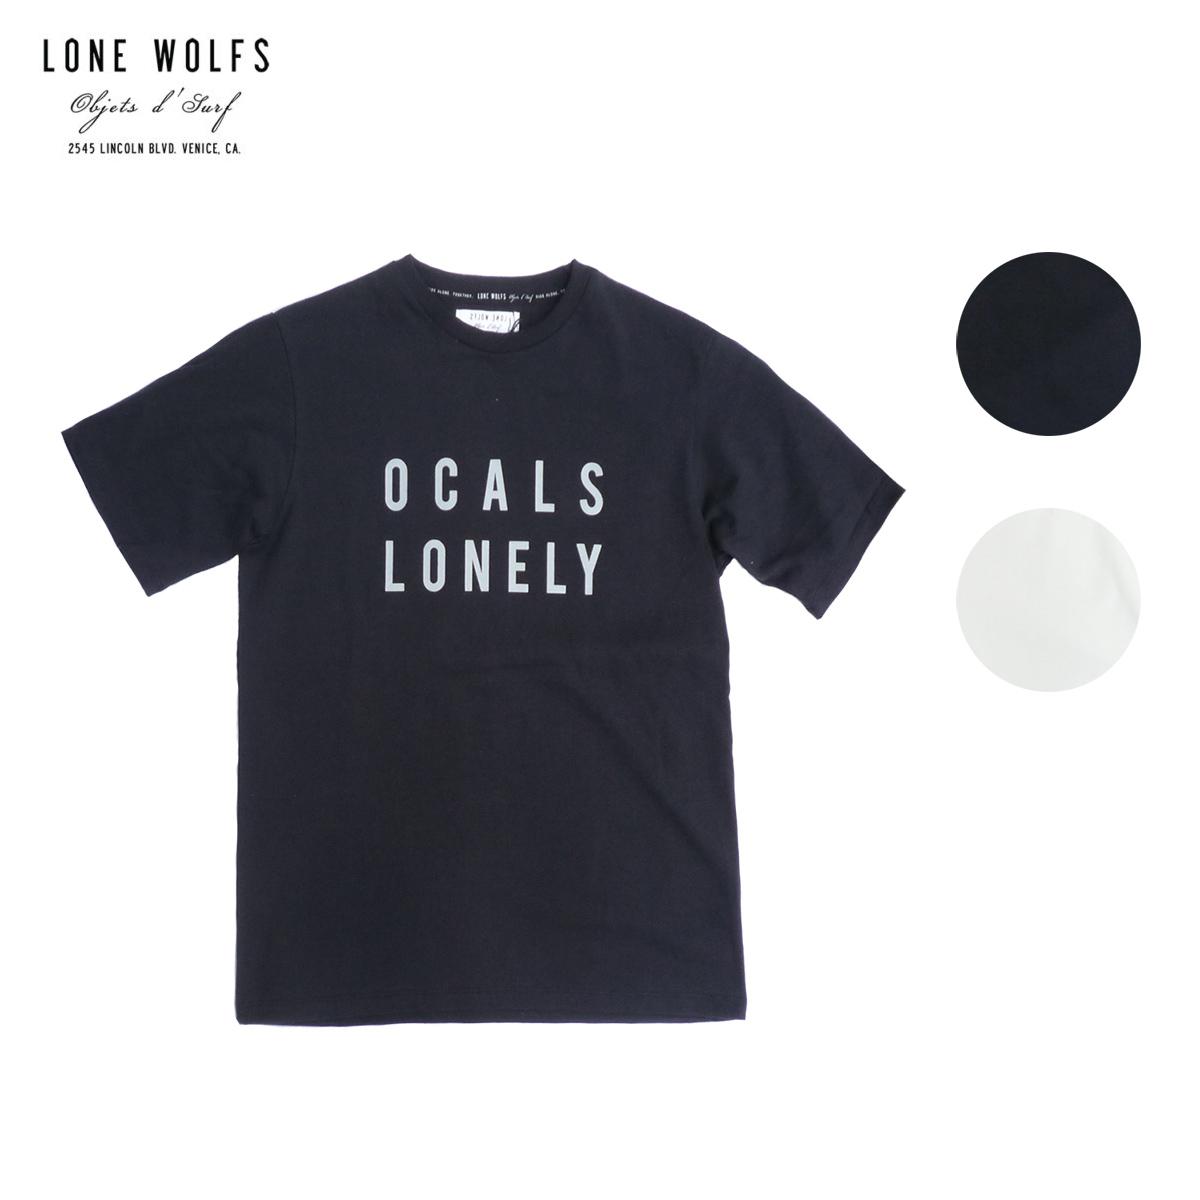 LONE WOLFS ローンウルフズ TEE OCALS メンズ/レディース ブラック/ホワイト S-L[Tシャツ 半袖 カットソー プリント ロゴ メッセージ アメリカ カリフォルニア USA ブランド サーフ サーフブランド アメカジ 黒 白]